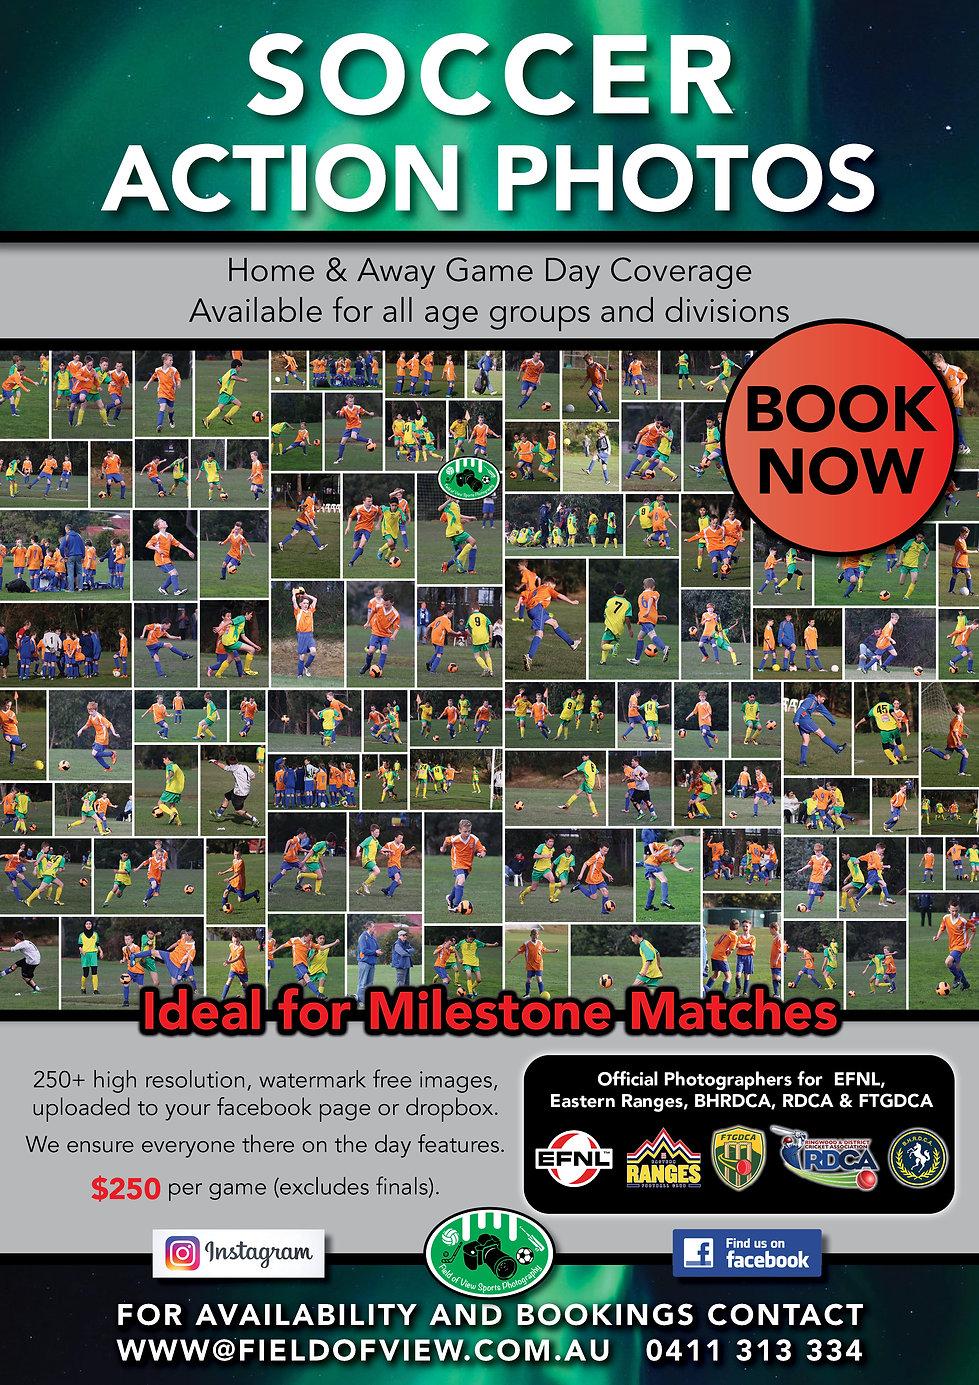 Soccer Action Photos A4 Flyer.jpg